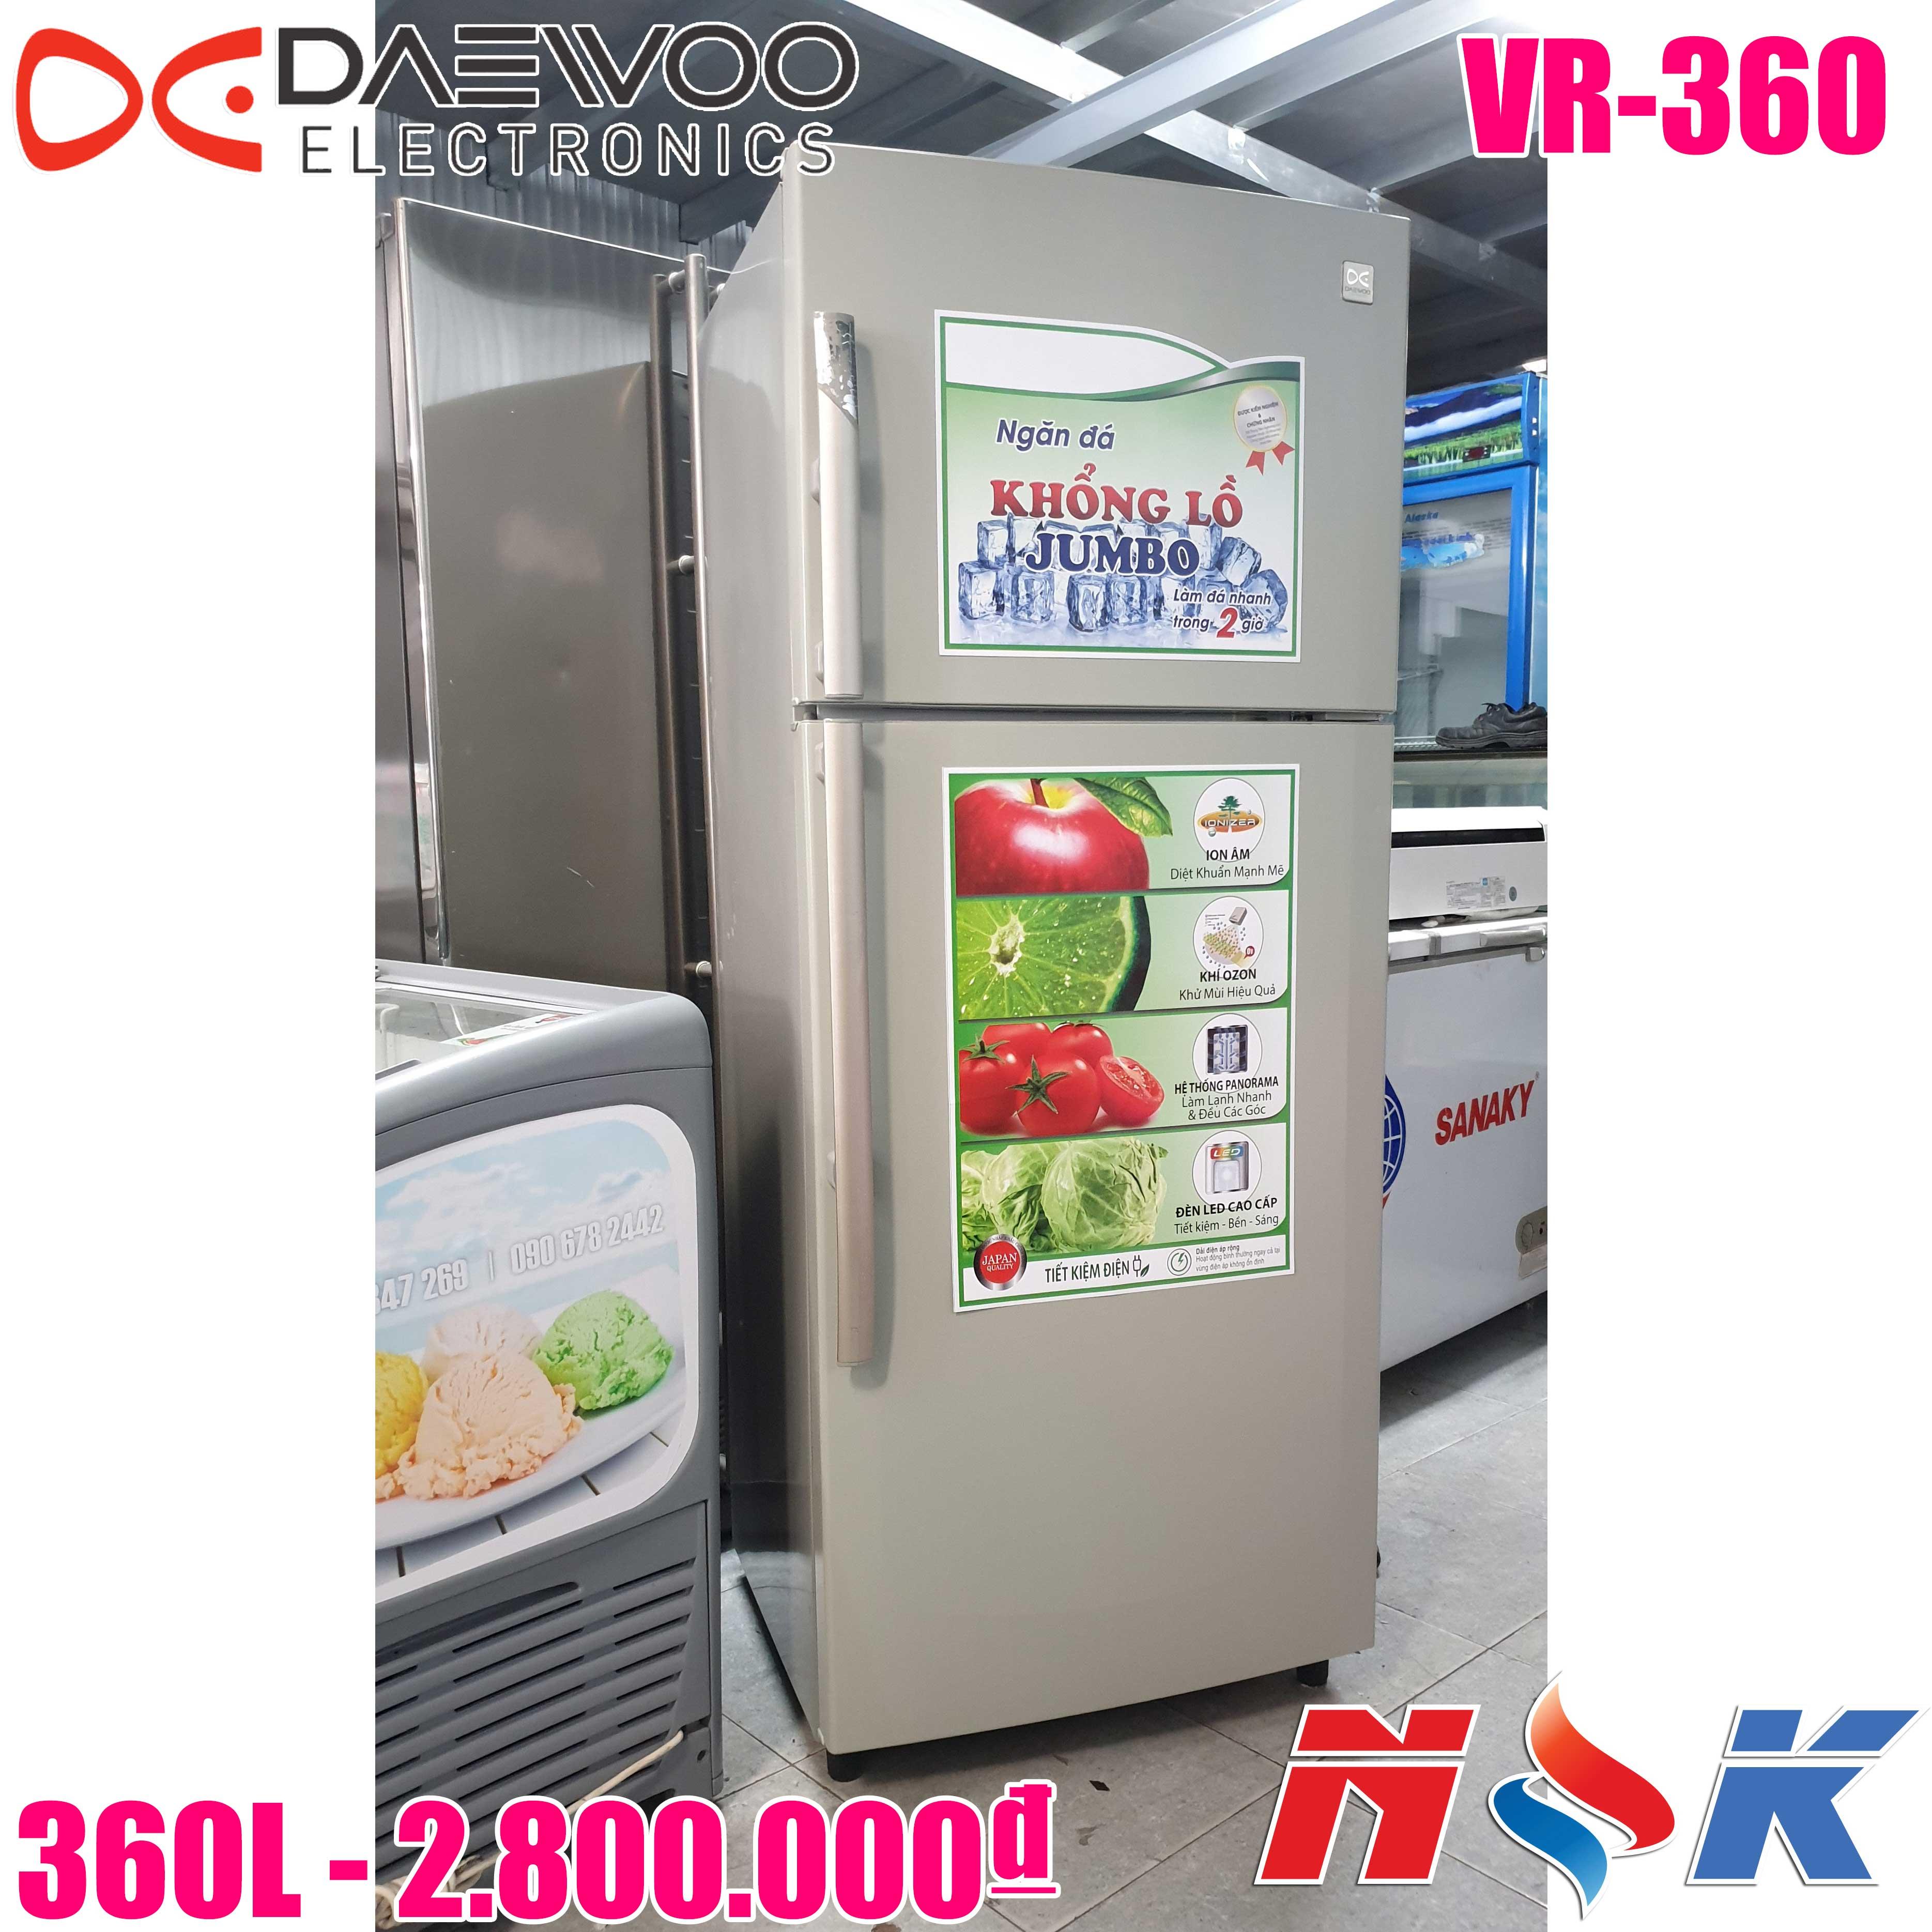 Tủ Lạnh Toshiba, Sanyo, Samsung, Panasonic... Mới & Cũ Giá Rẻ !!! - 7